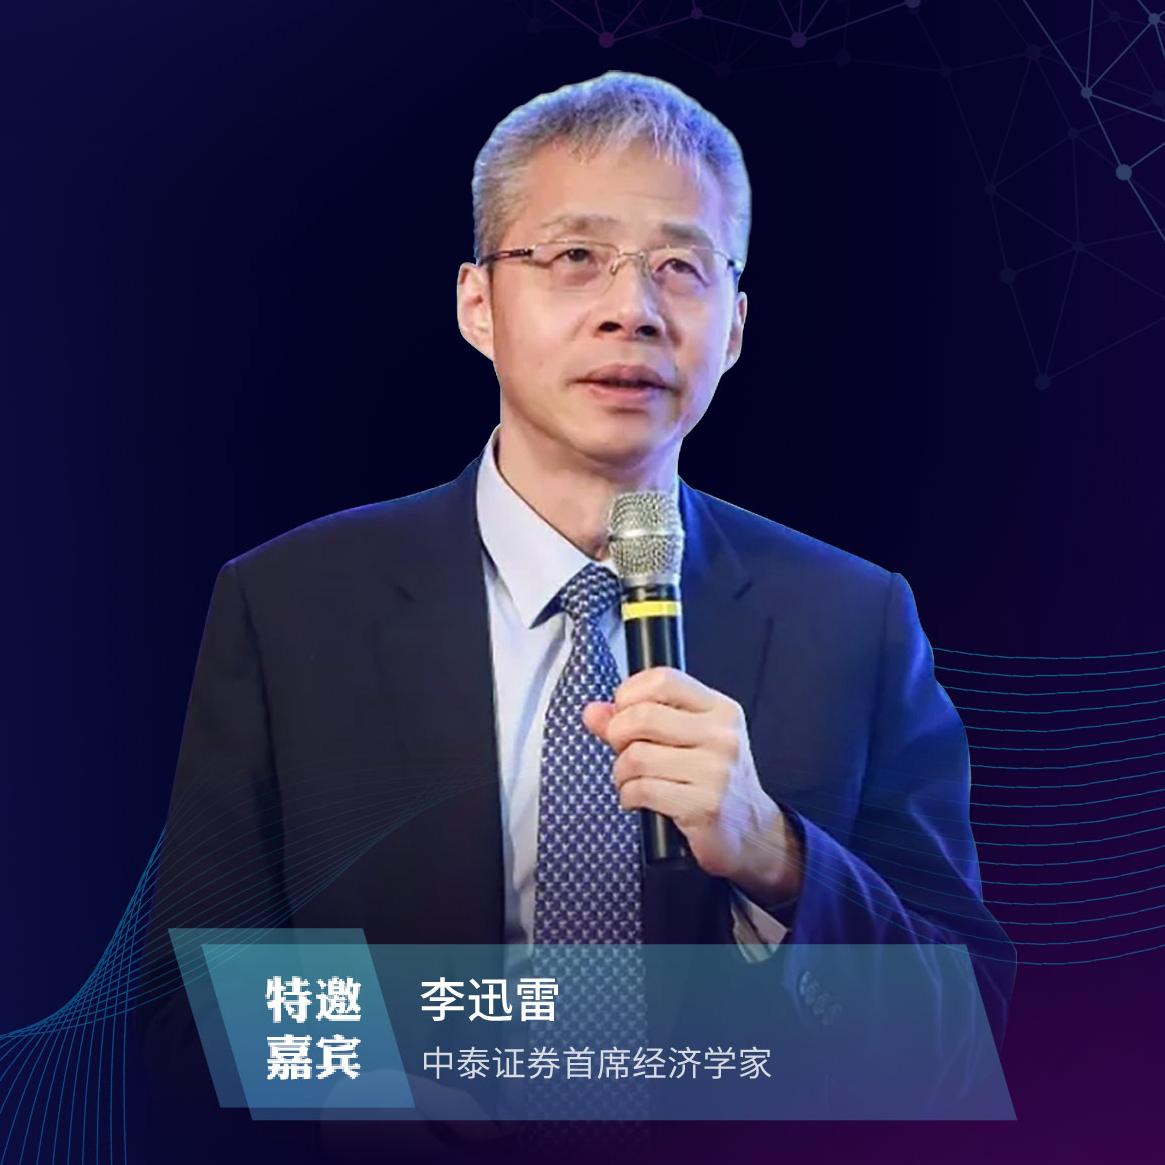 中泰证券首席经济学家李迅雷照片